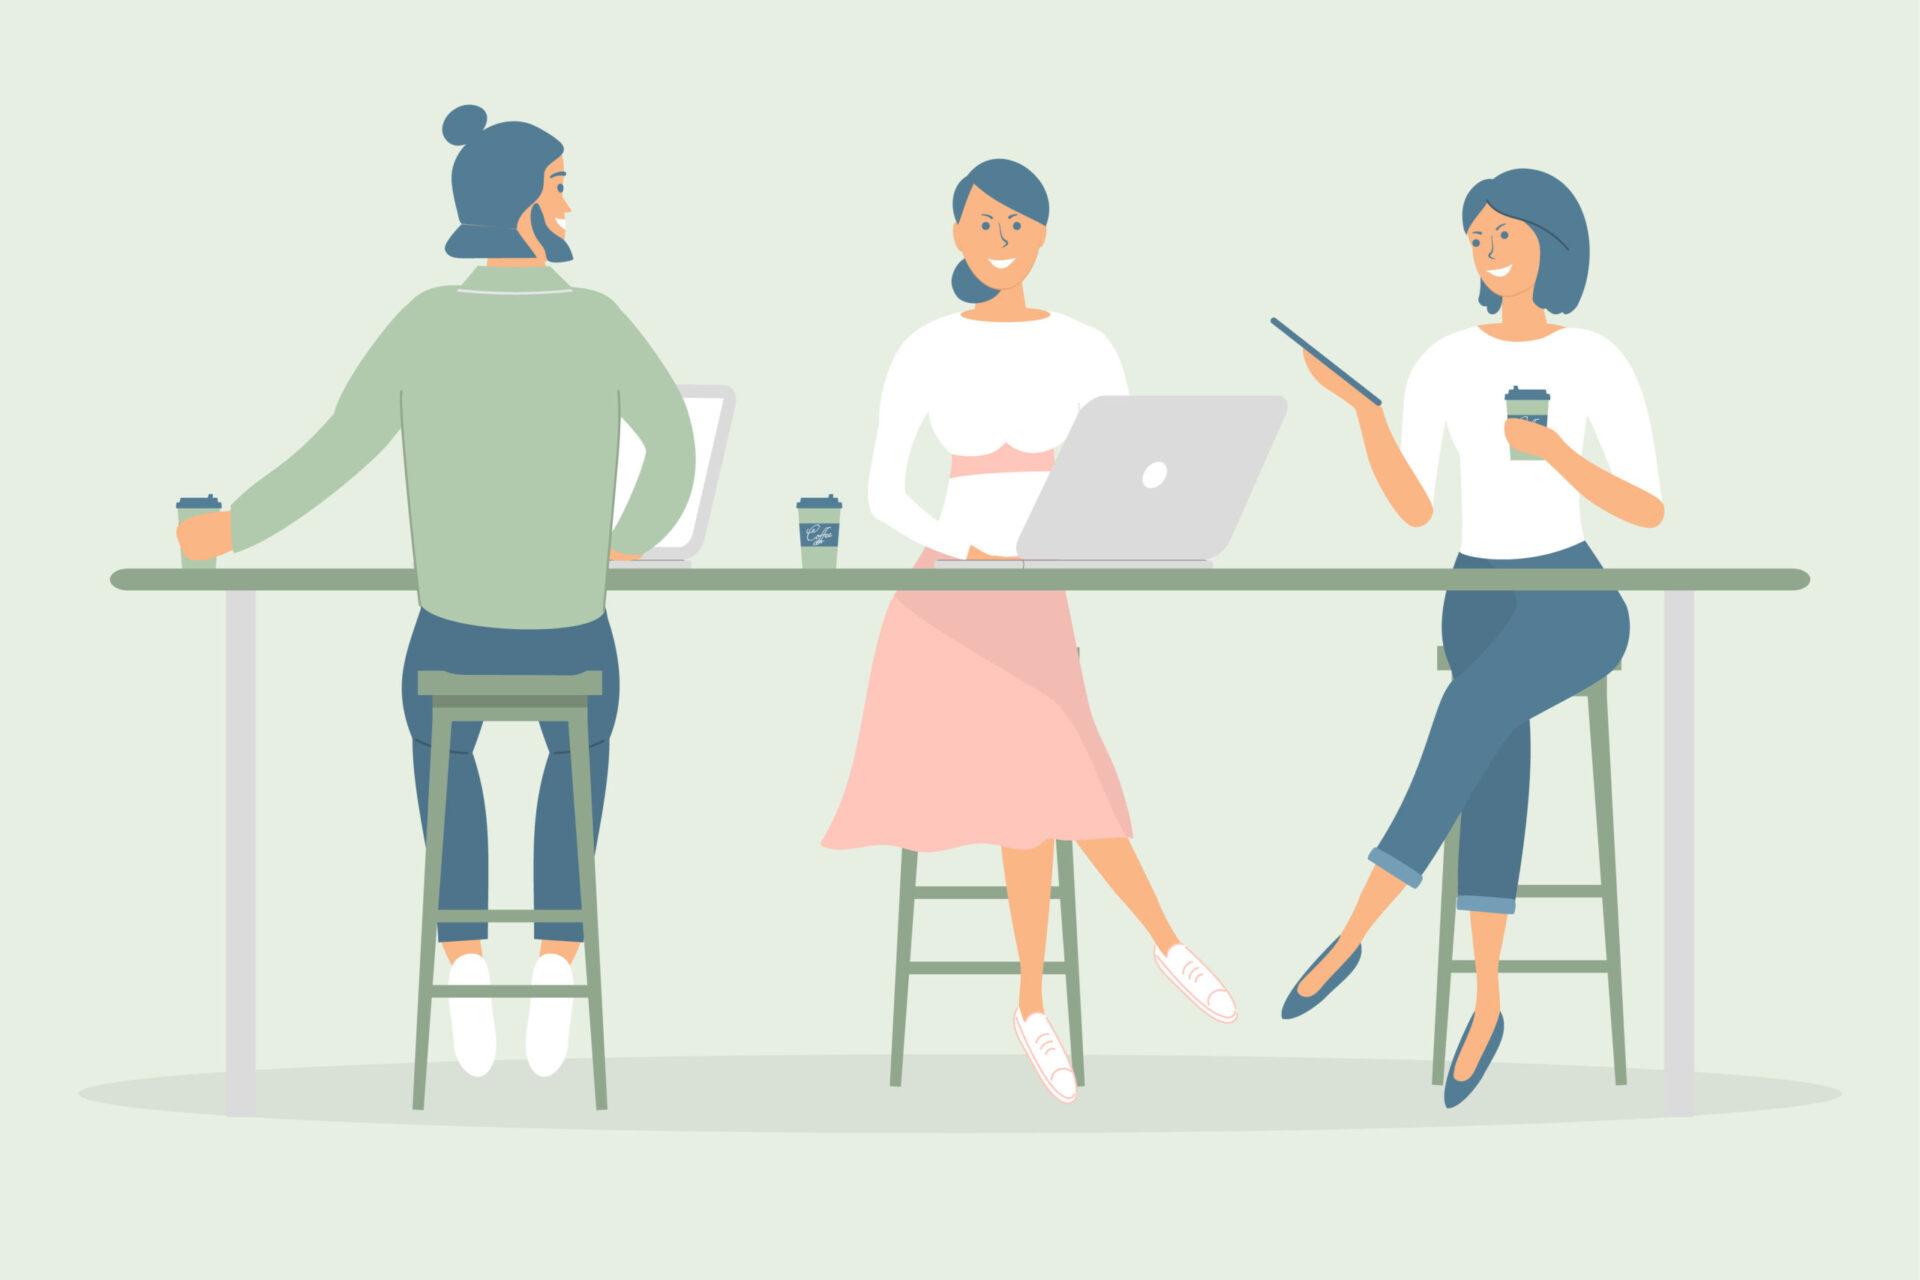 Inteligența emoțională - colegi de muncă în relații armonioase